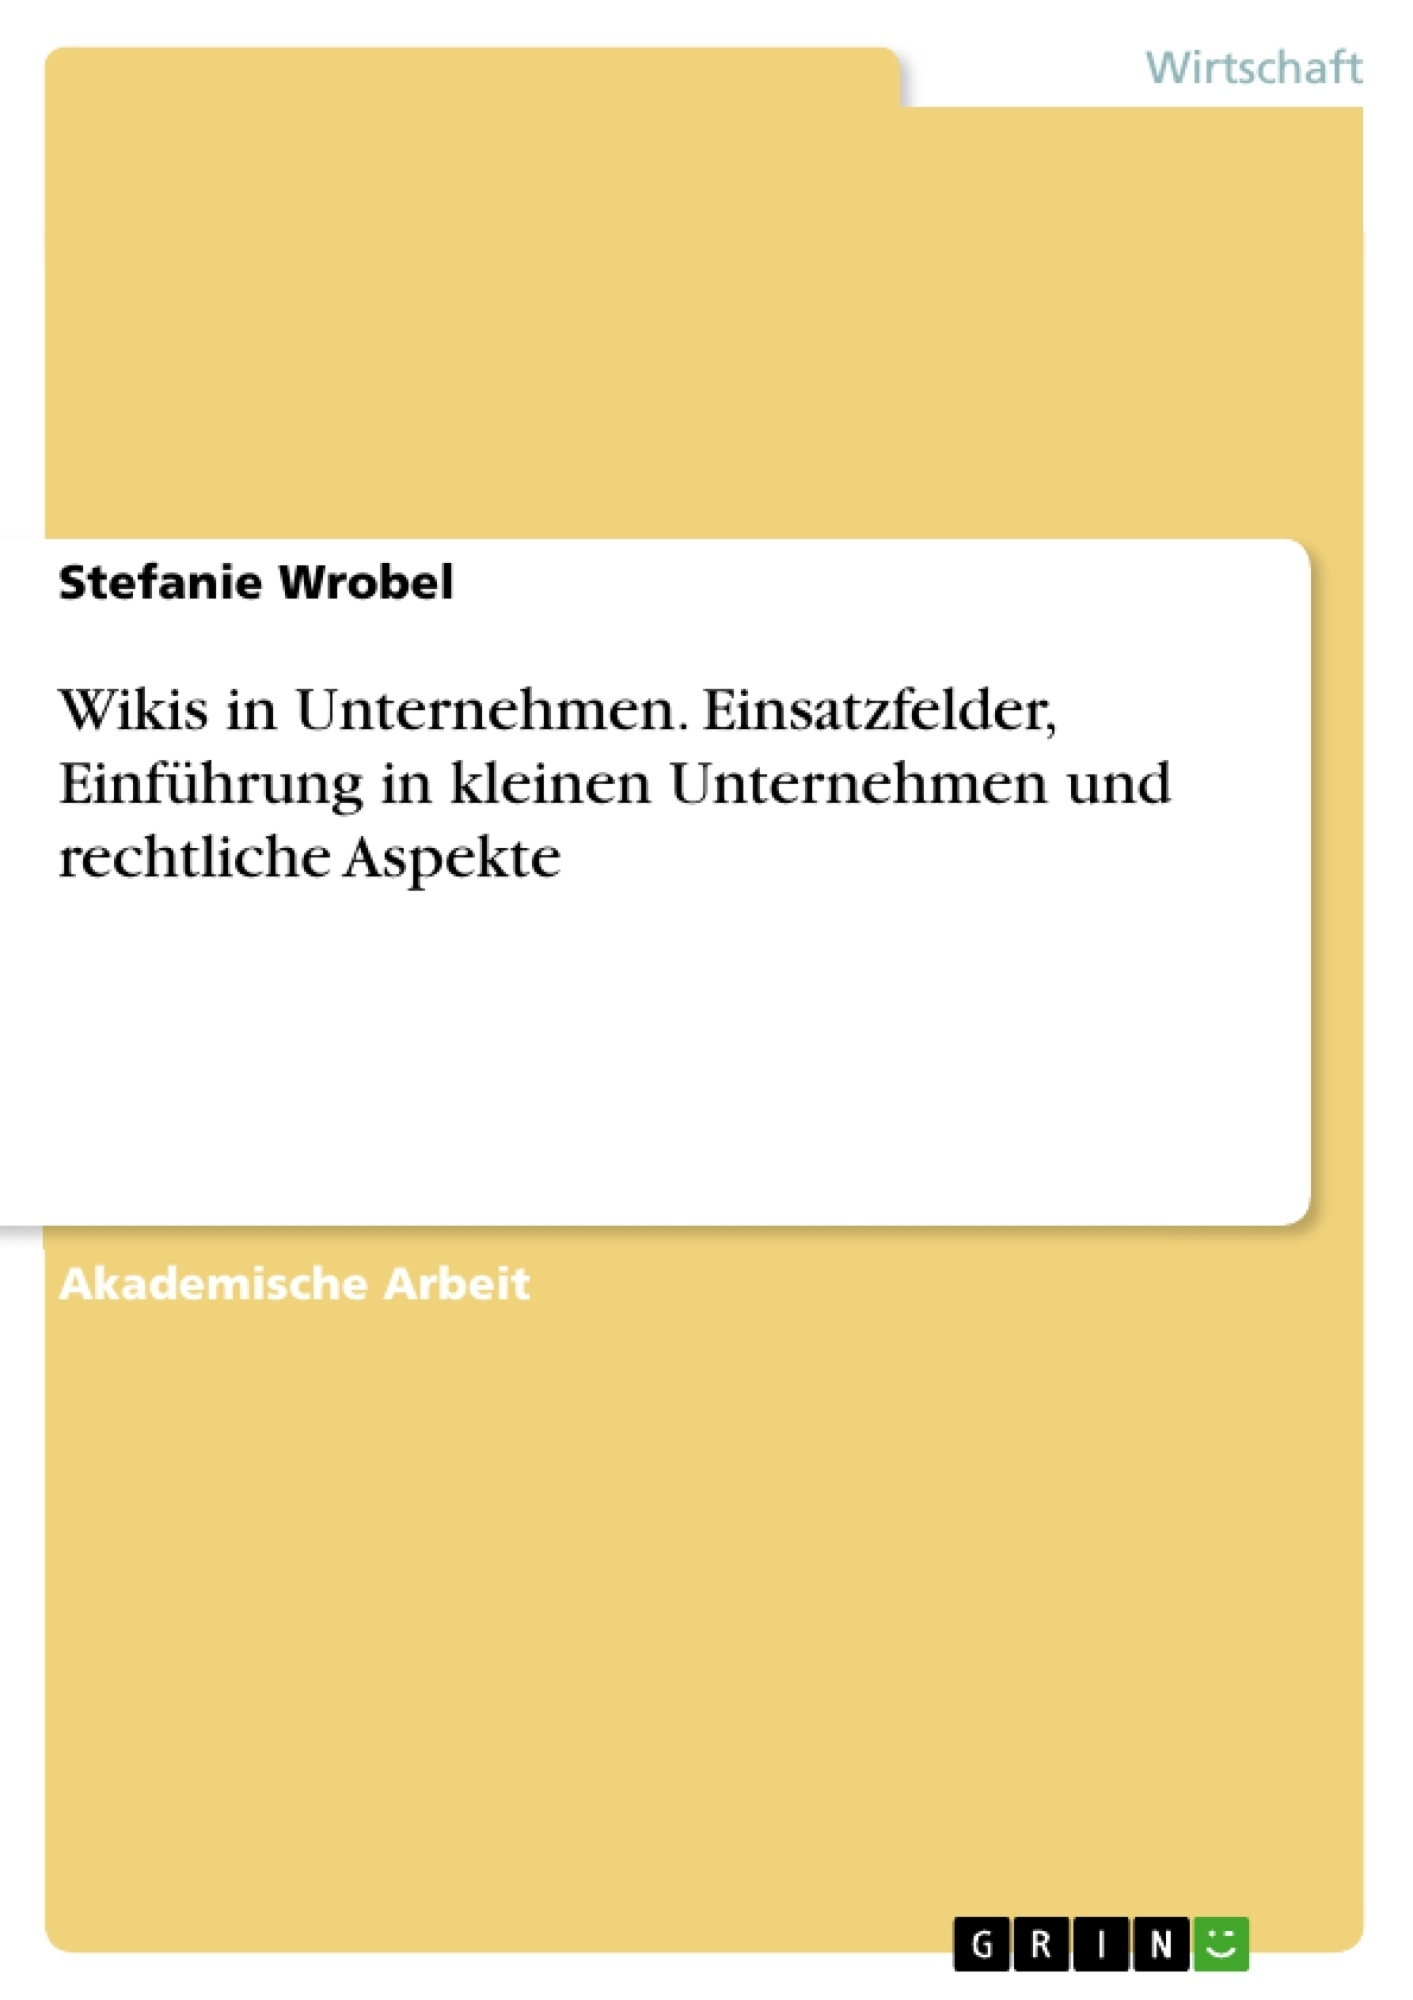 Titel: Wikis in Unternehmen. Einsatzfelder, Einführung in kleinen Unternehmen und rechtliche Aspekte